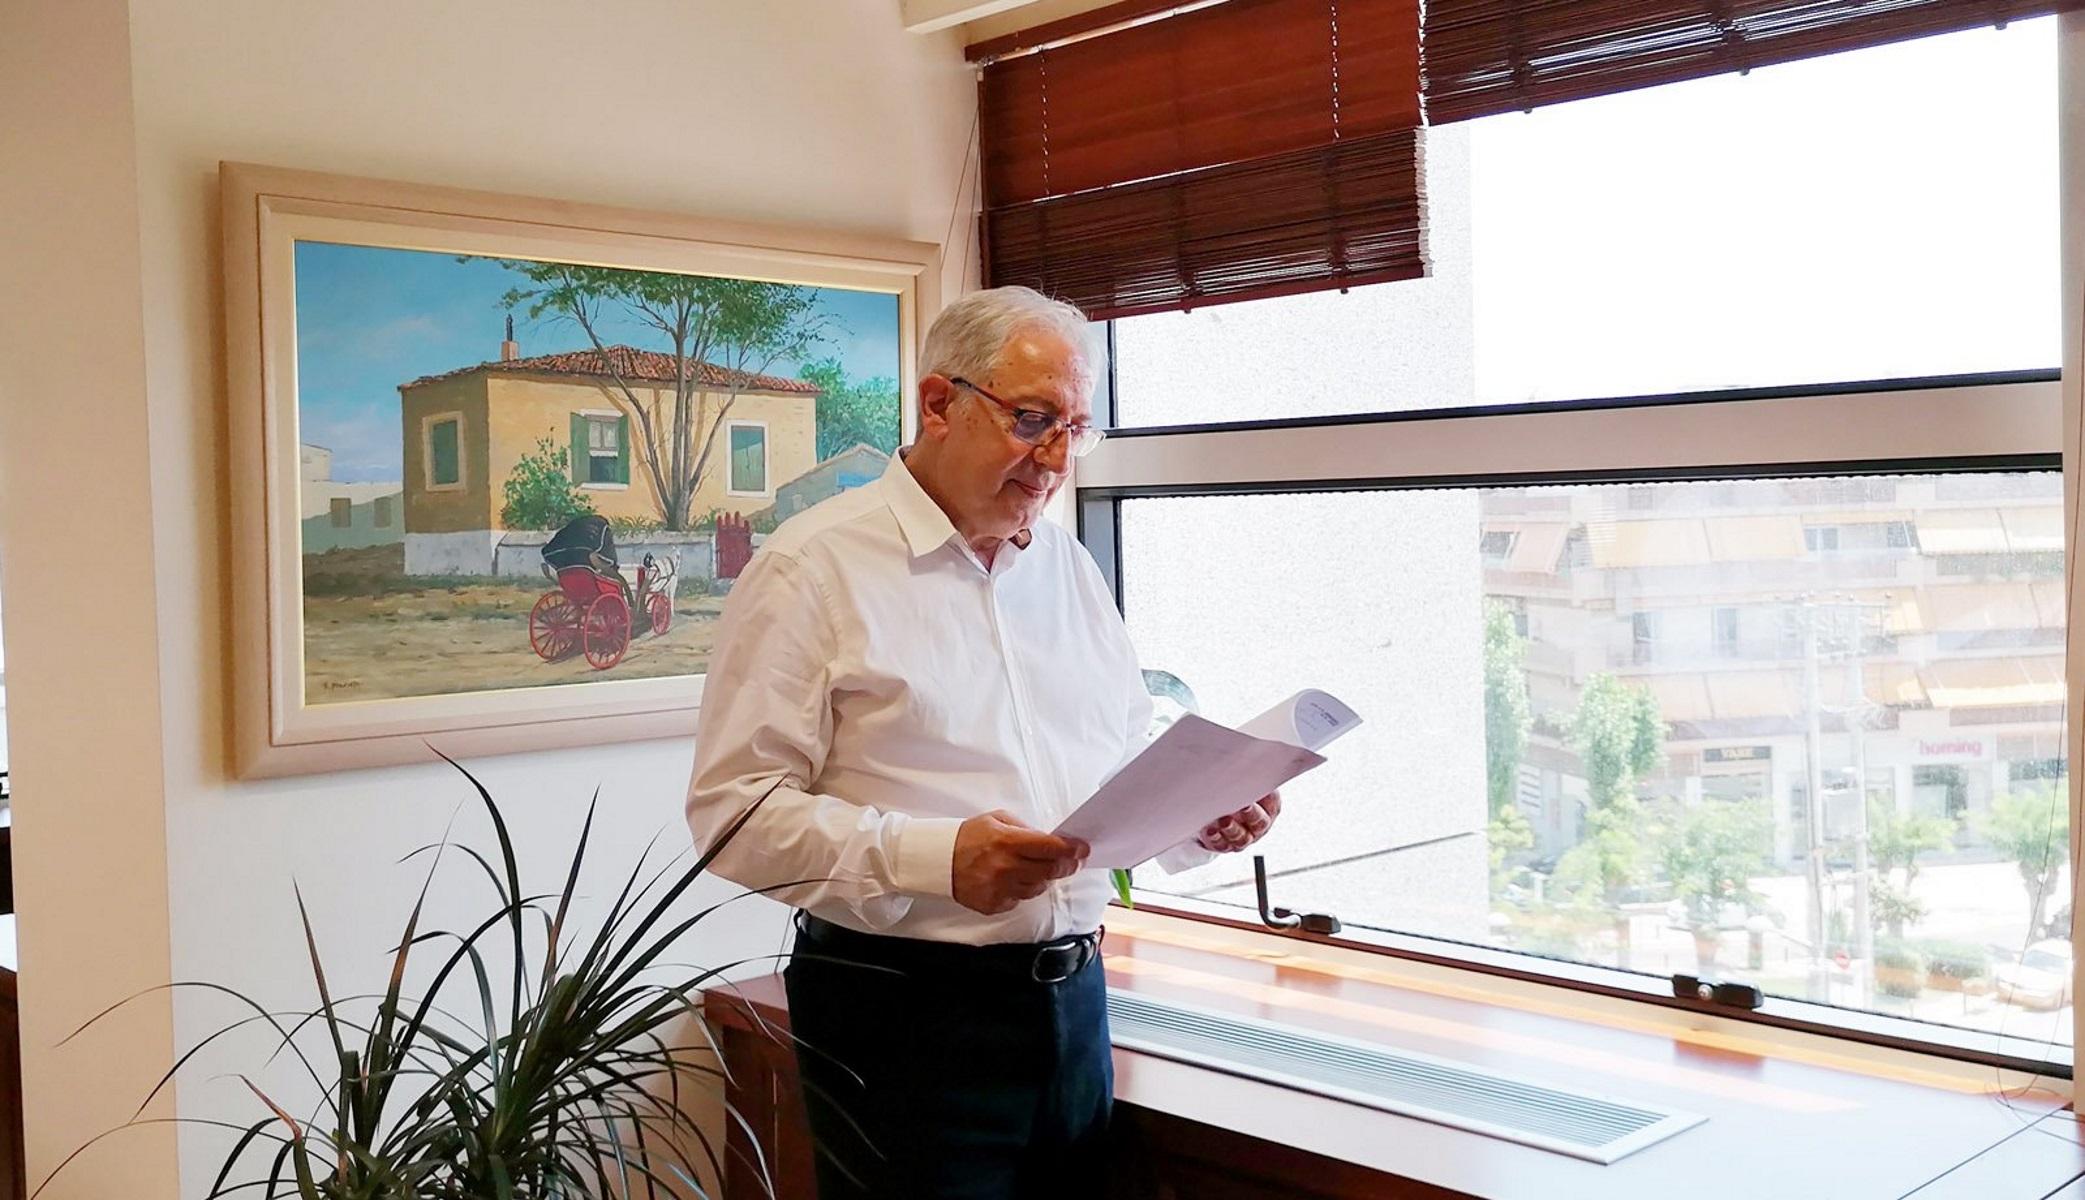 Ολοκληρωμένο σχέδιο εννέα έργων πράσινης ανάπτυξης στο Δήμο Αμαρουσίου